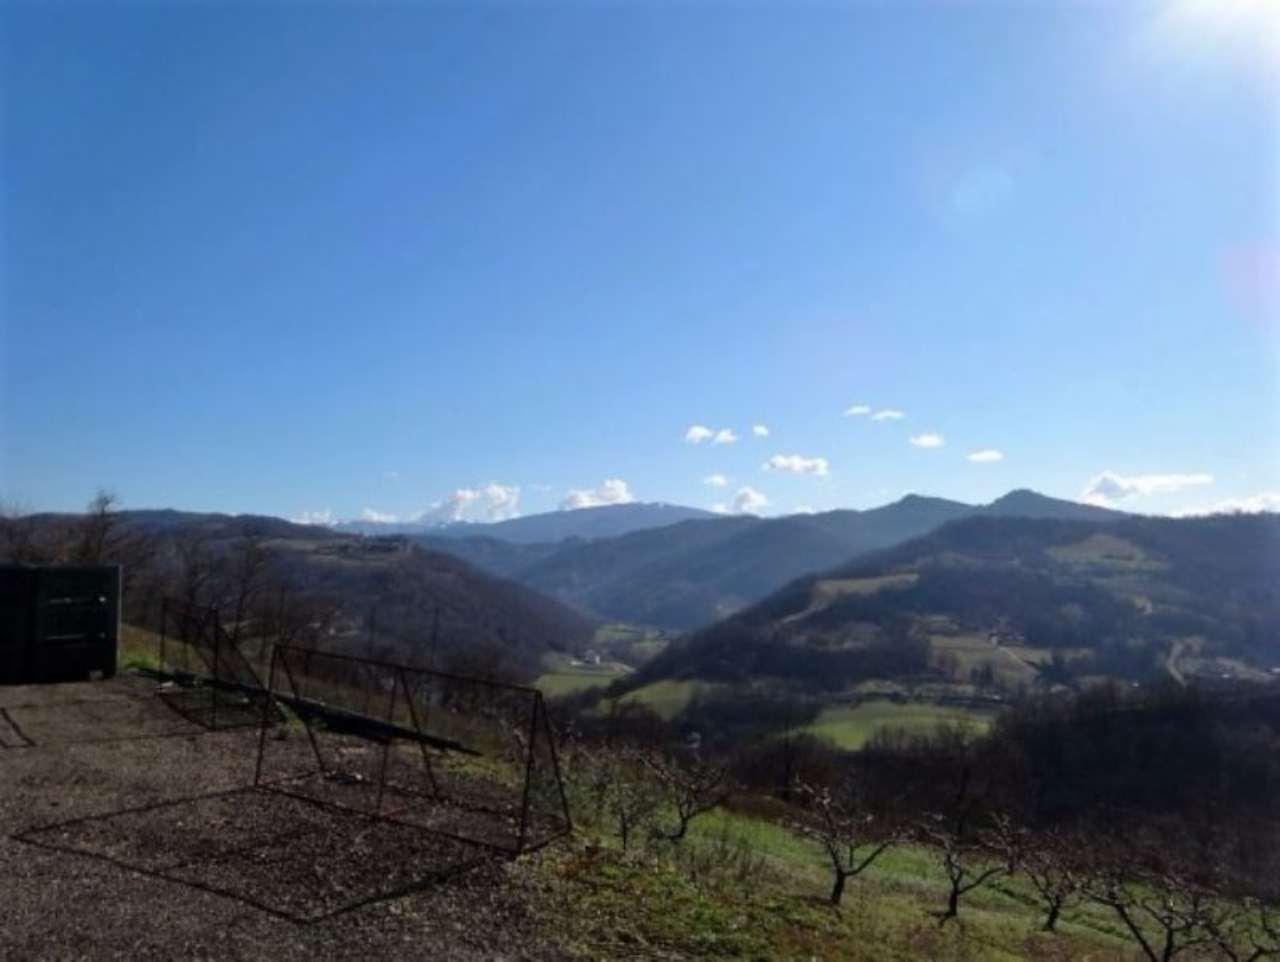 Terreno Agricolo in vendita a Garbagna, 9999 locali, prezzo € 575.000 | Cambio Casa.it